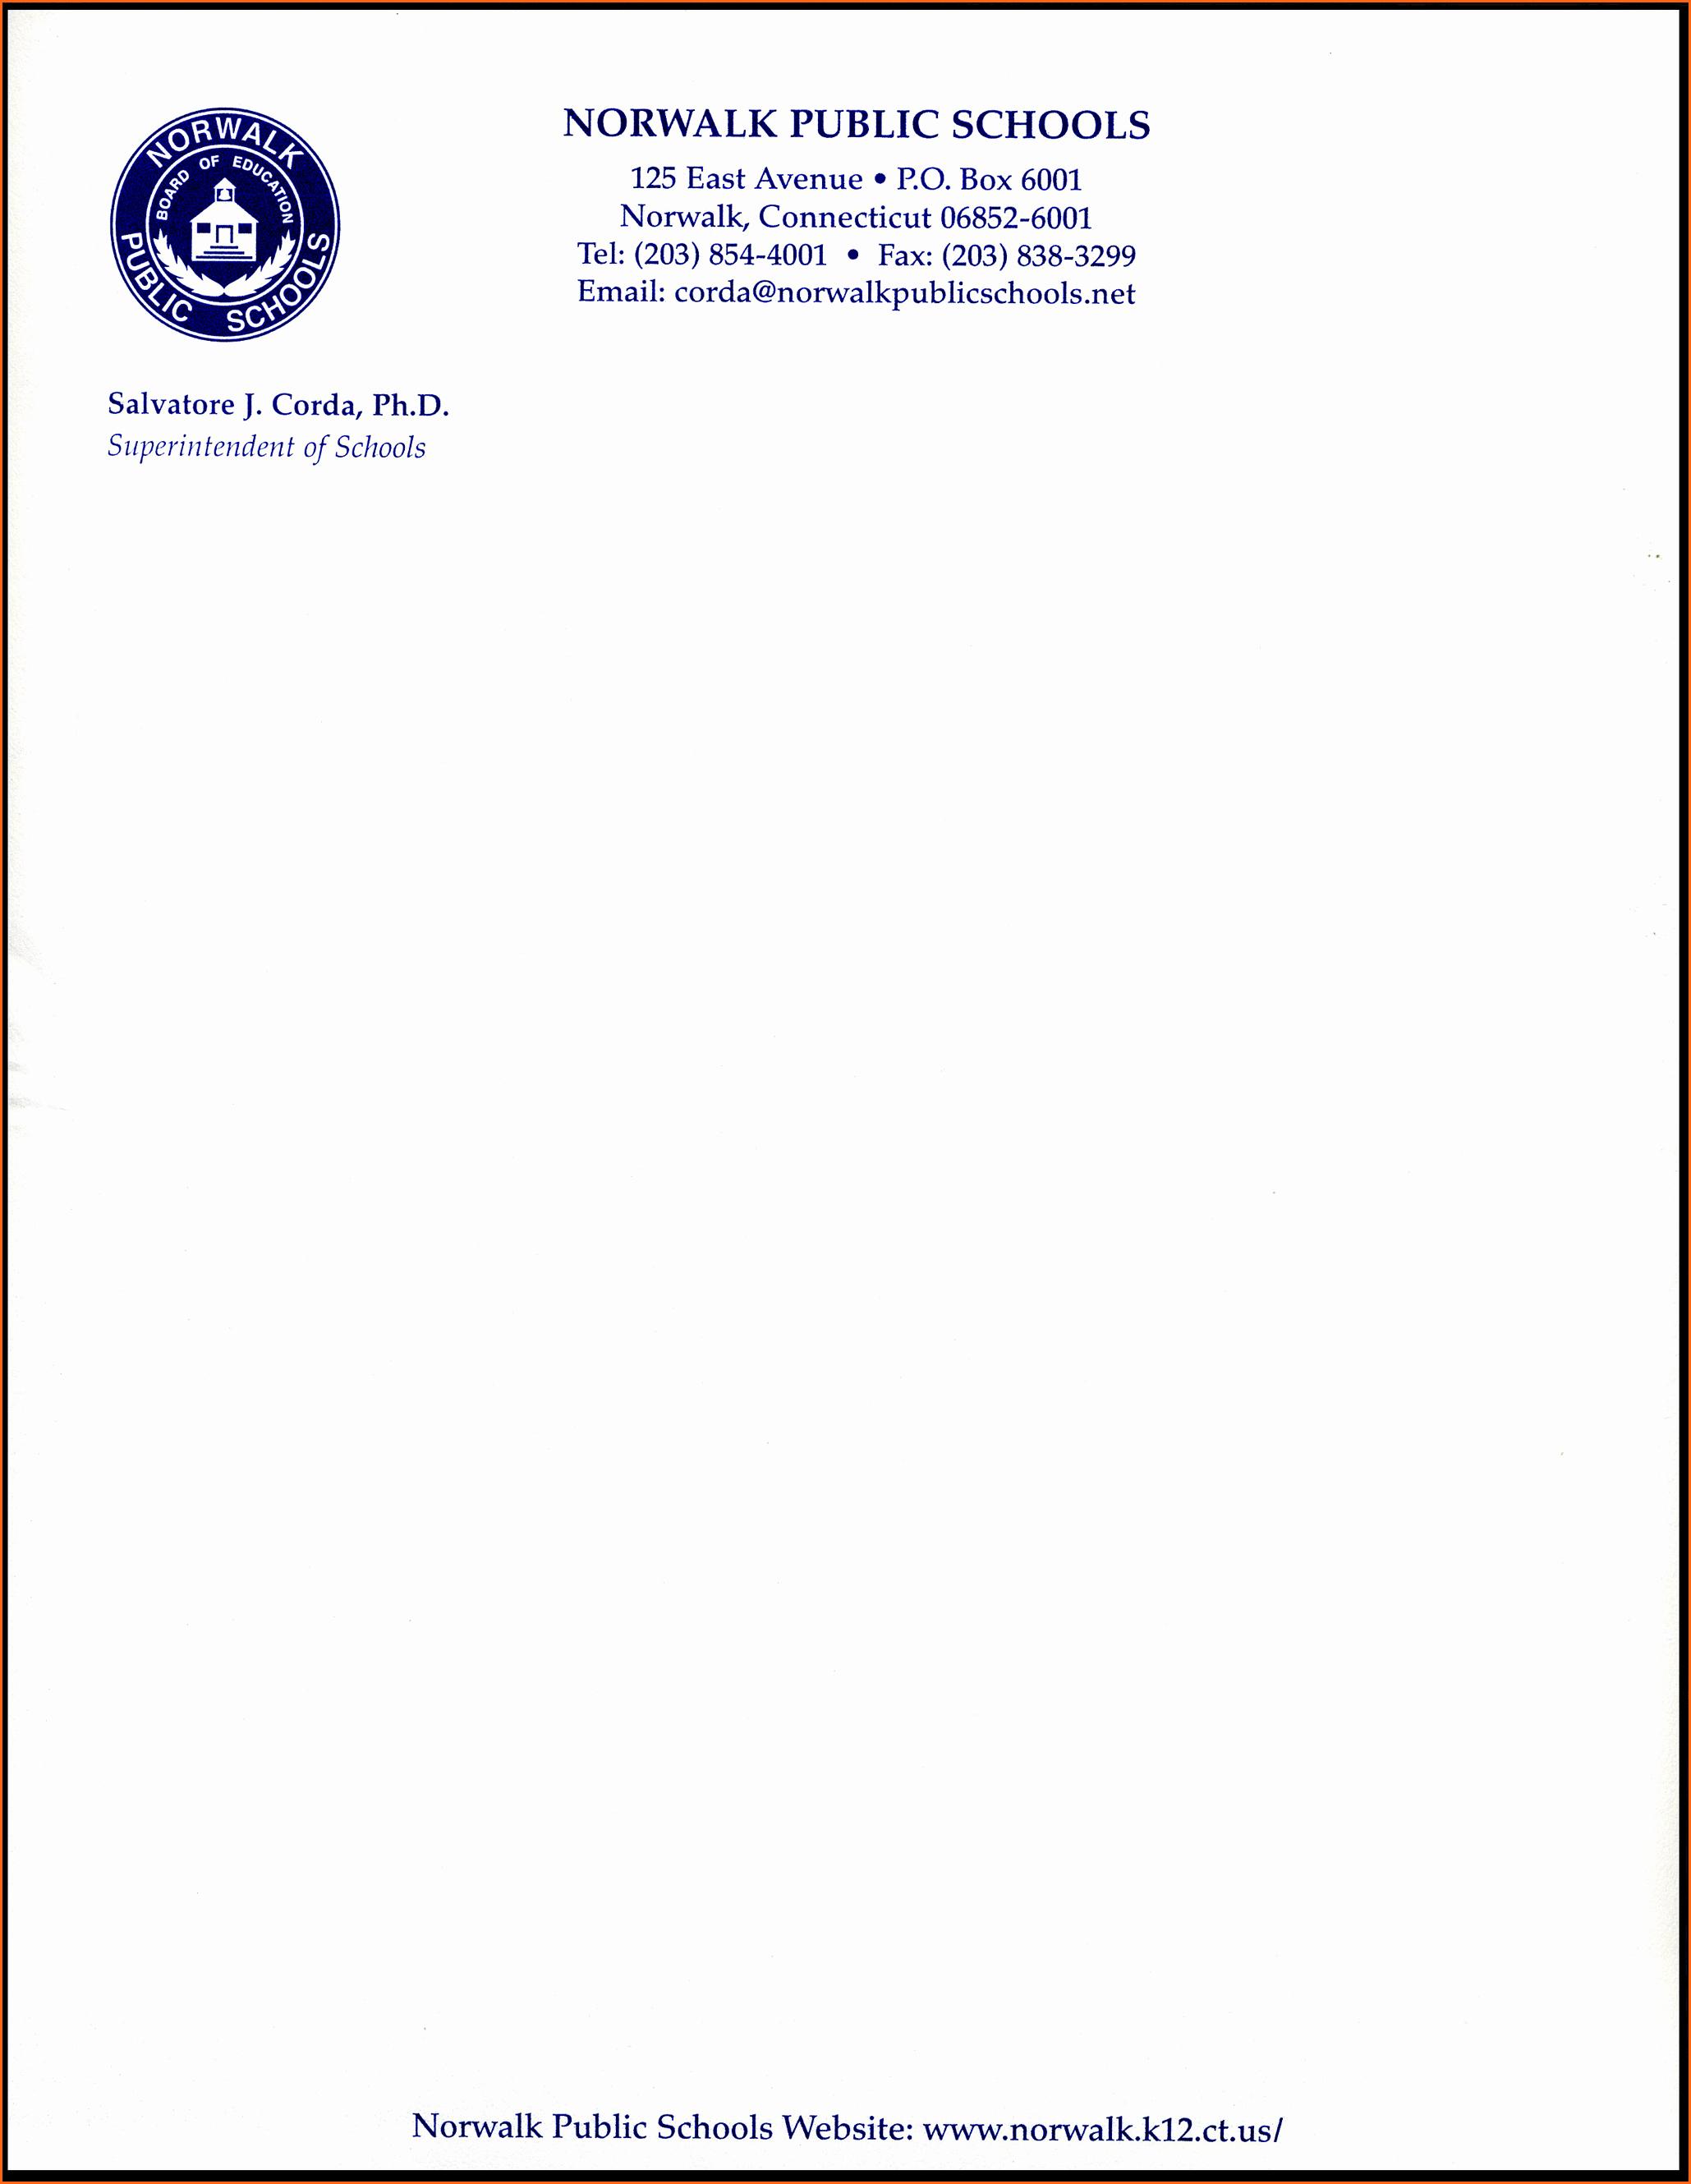 Sample Of Business Letterhead format Lovely Business Letterhead format Example Mughals